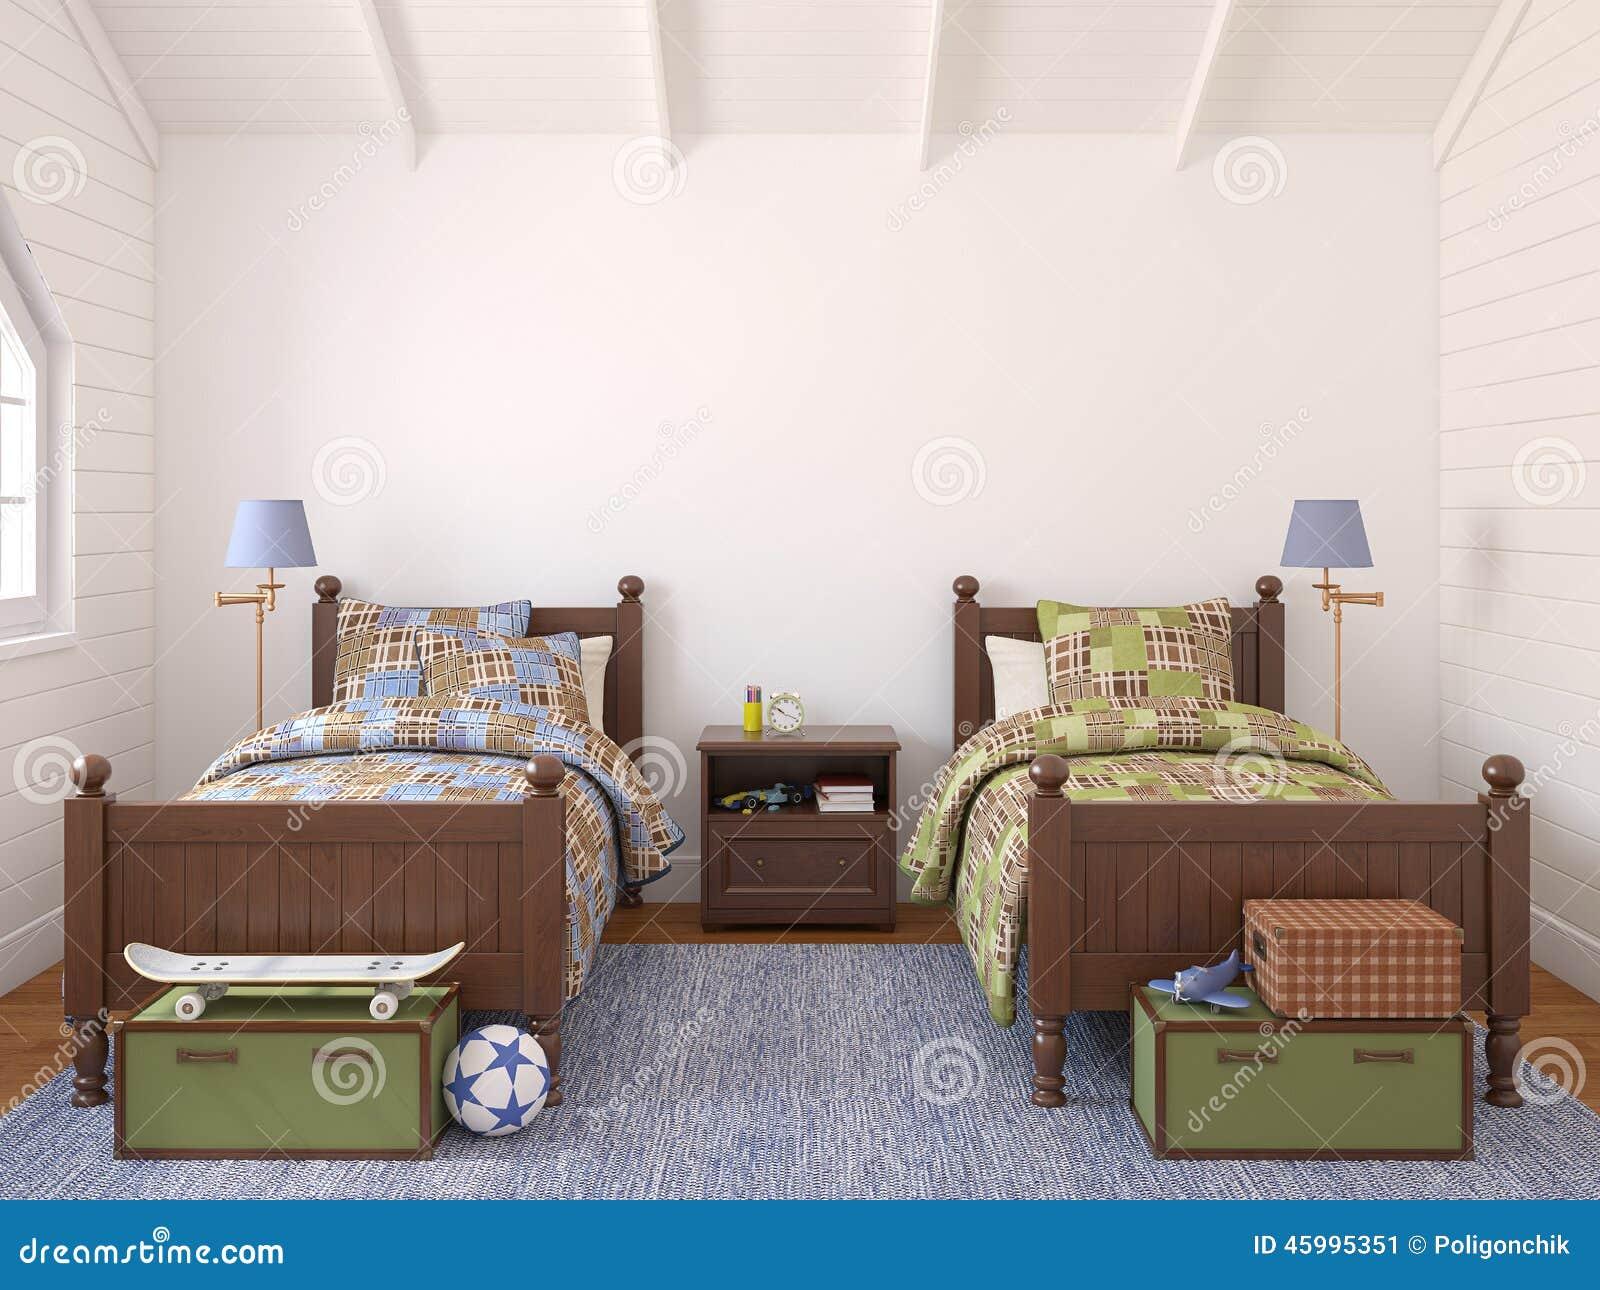 Camera da letto per due bambini illustrazione di stock - Camera da letto bambini ...